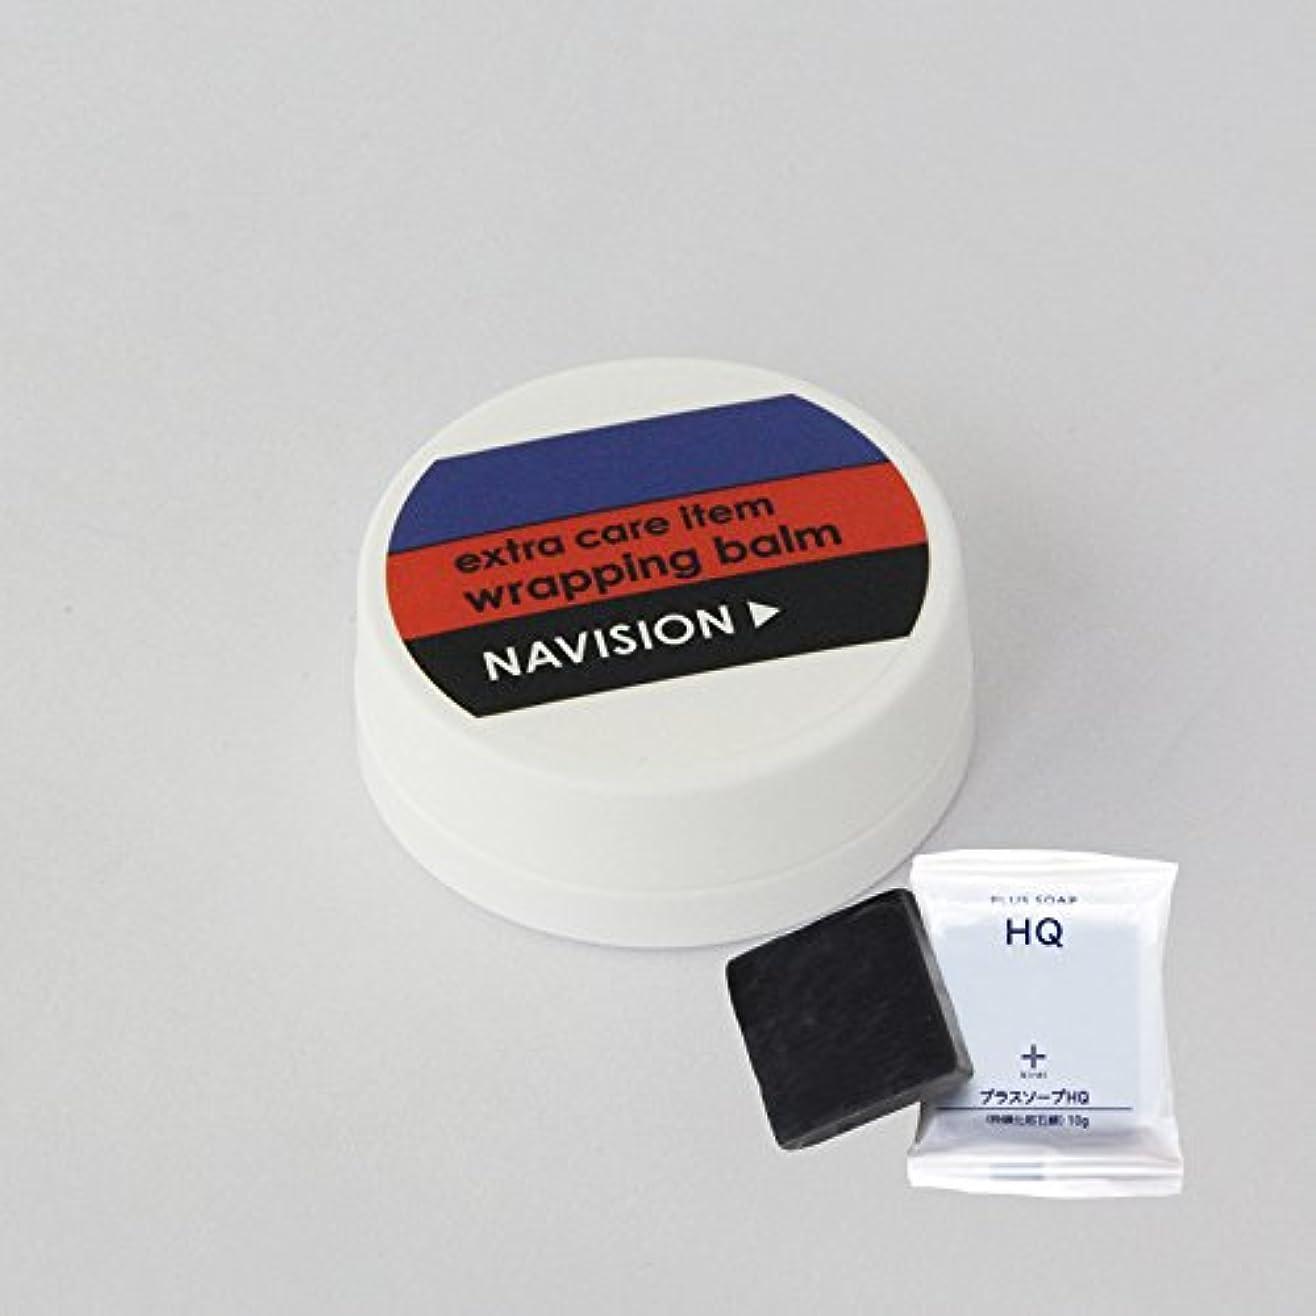 アジア見出しホイールナビジョン NAVISION ラッピングバーム 5g + プラスキレイ プラスソープHQミニ